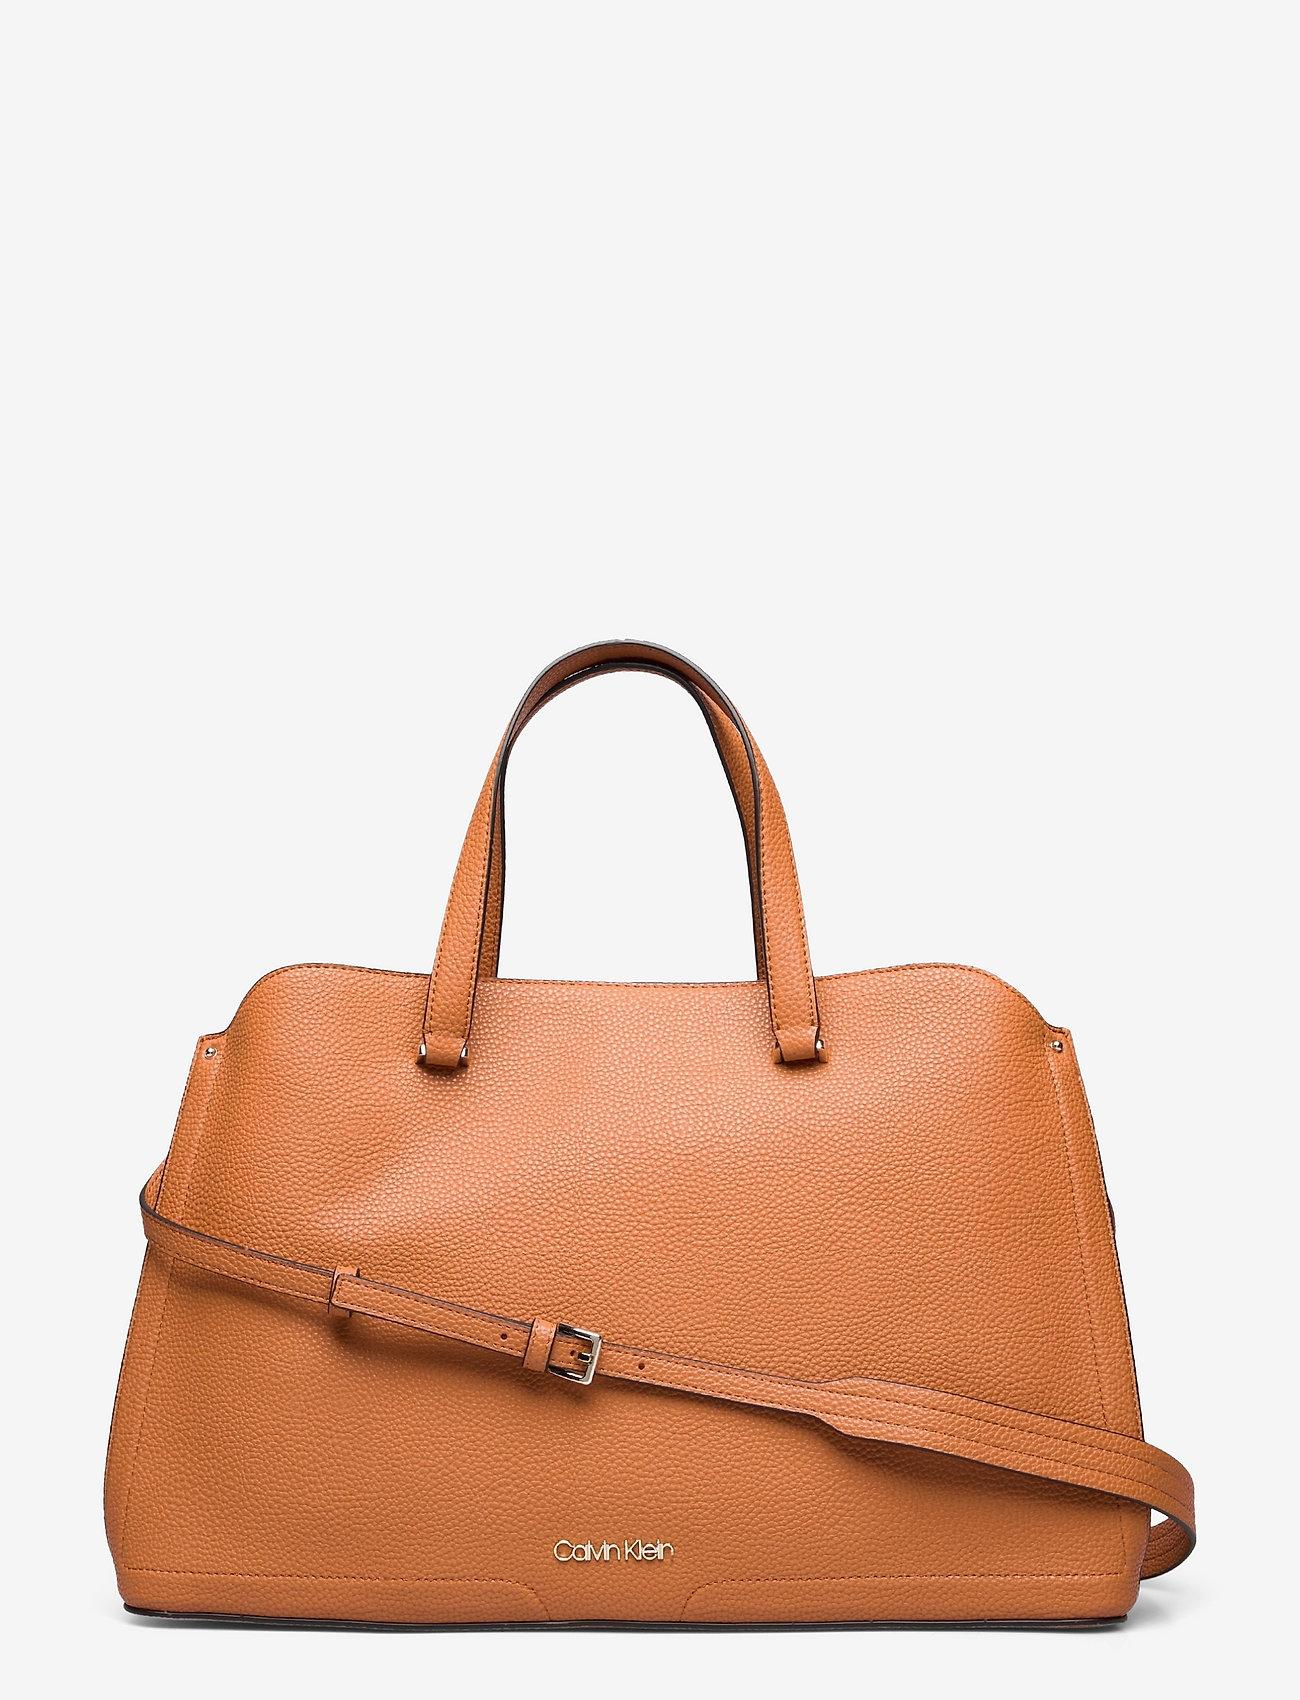 Calvin Klein - TOTE LG - handväskor - cognac - 0